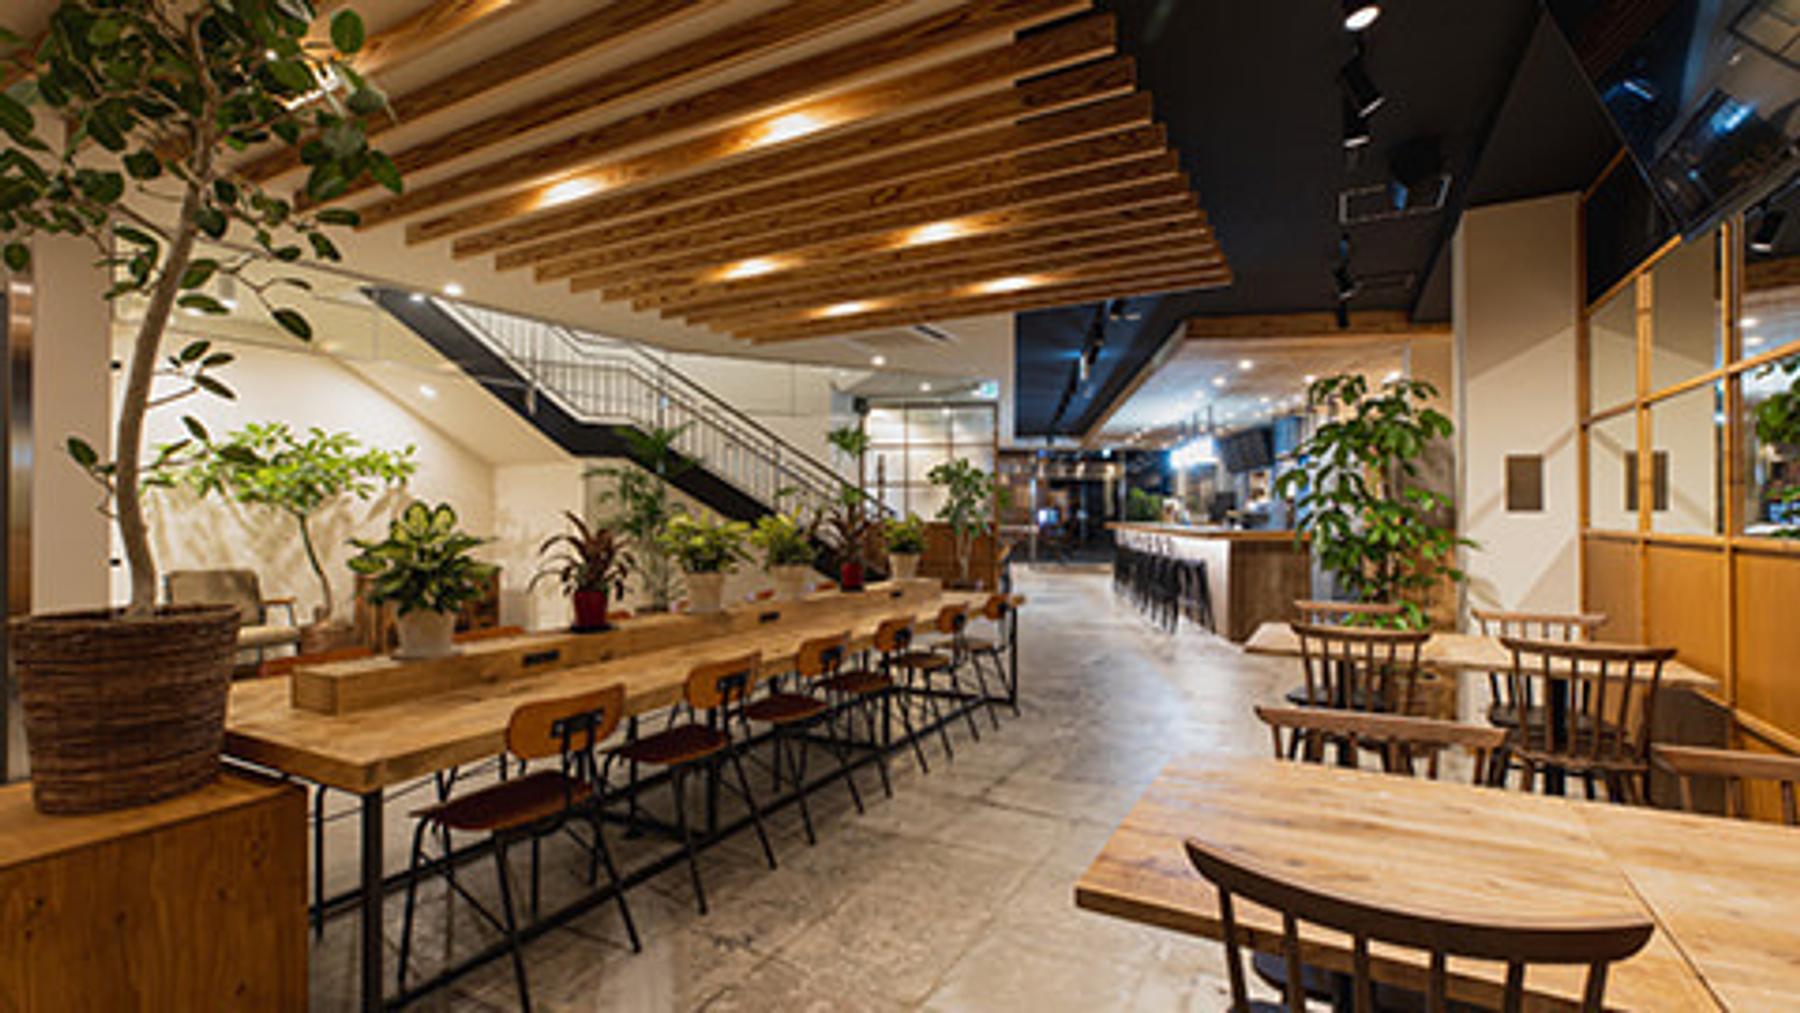 長野県長野市 Mash Café & Bed NAGANO